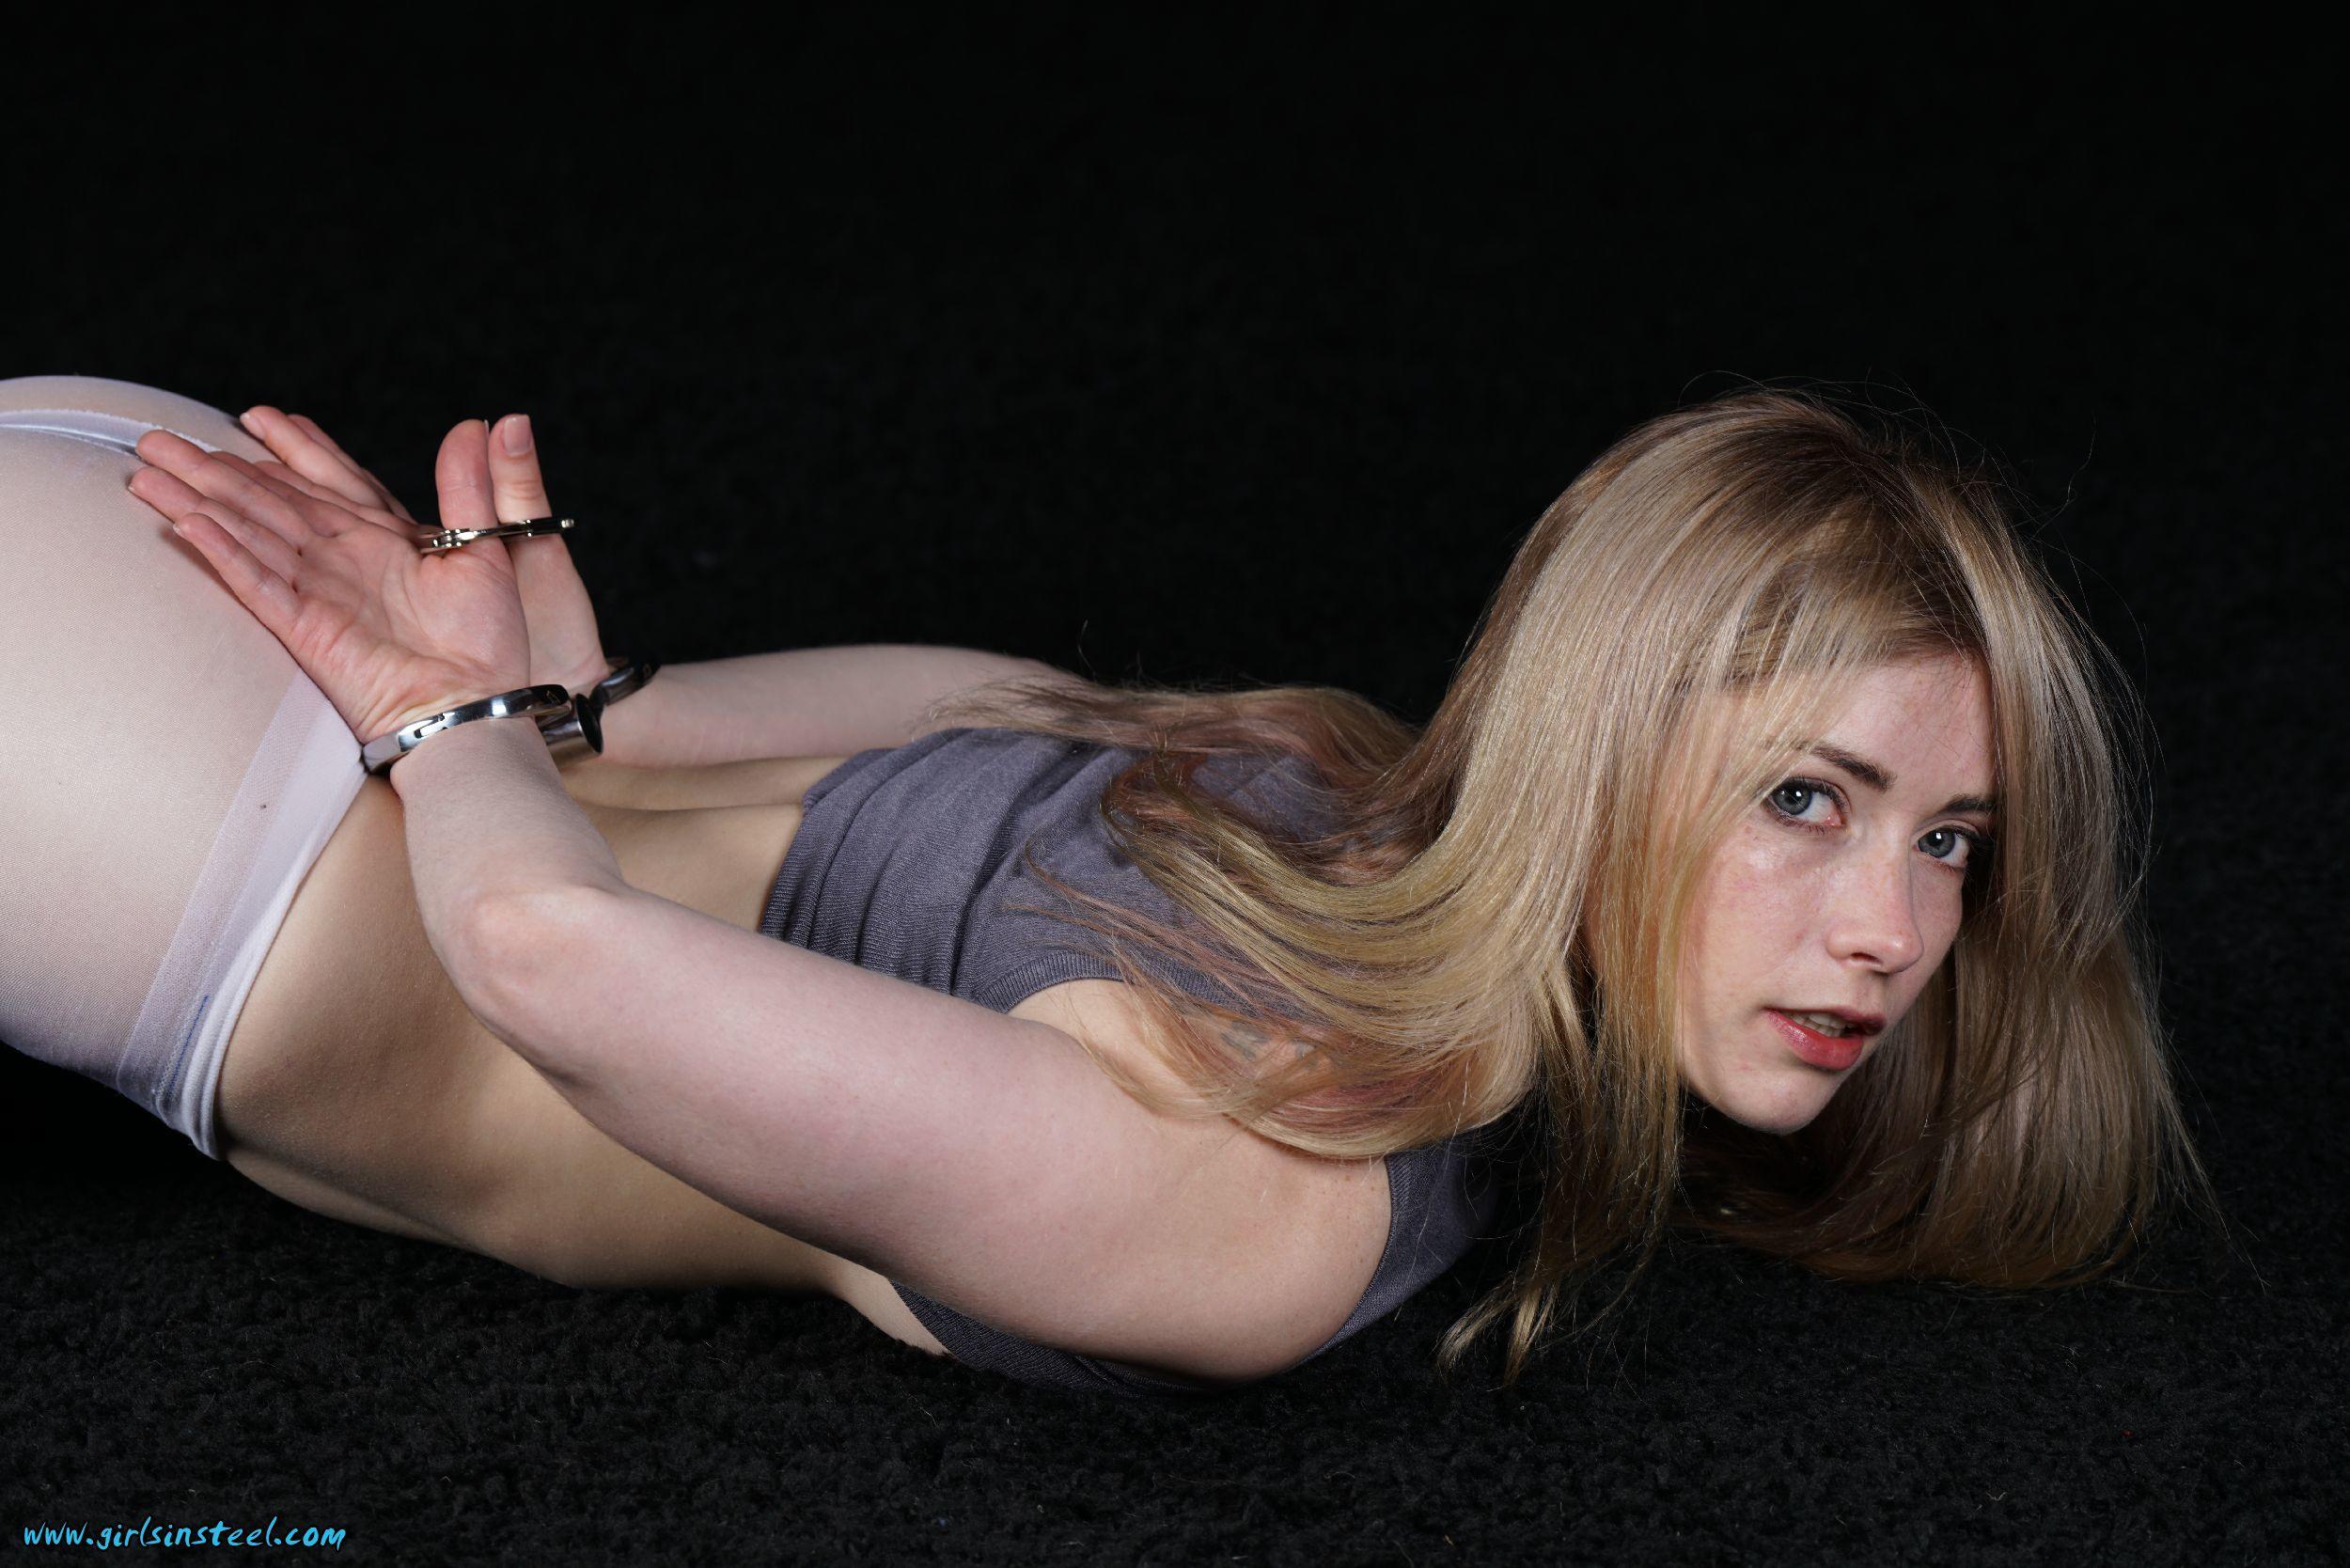 Natural pregnant women nude photos